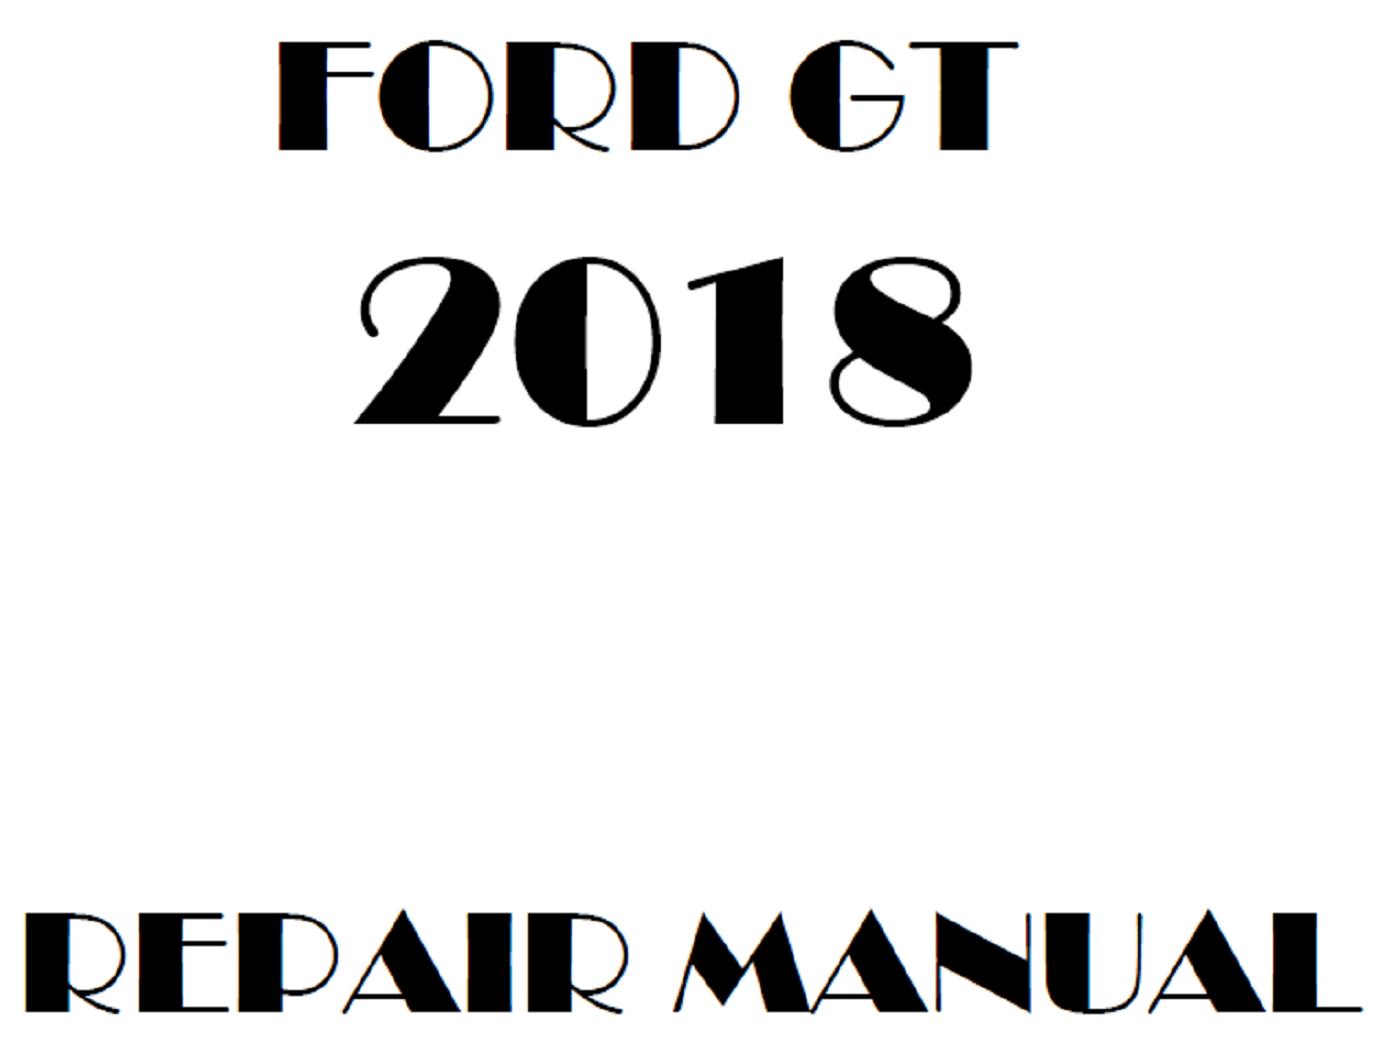 2018 Ford GT repair manual